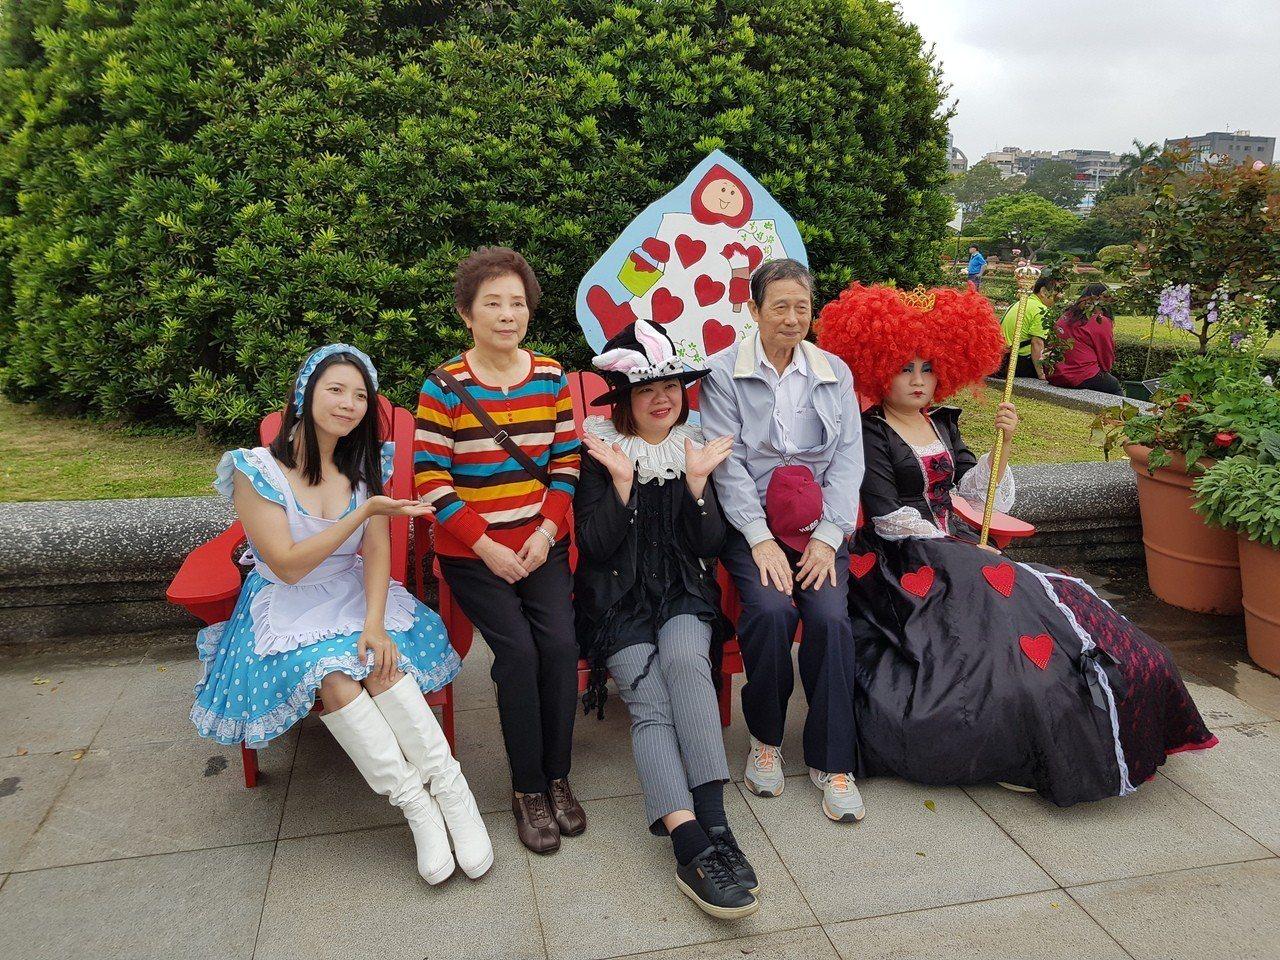 北市新生公園「台北玫瑰園」玫瑰展今天正式開幕,將展至4月8日,今年以愛麗絲夢遊仙...